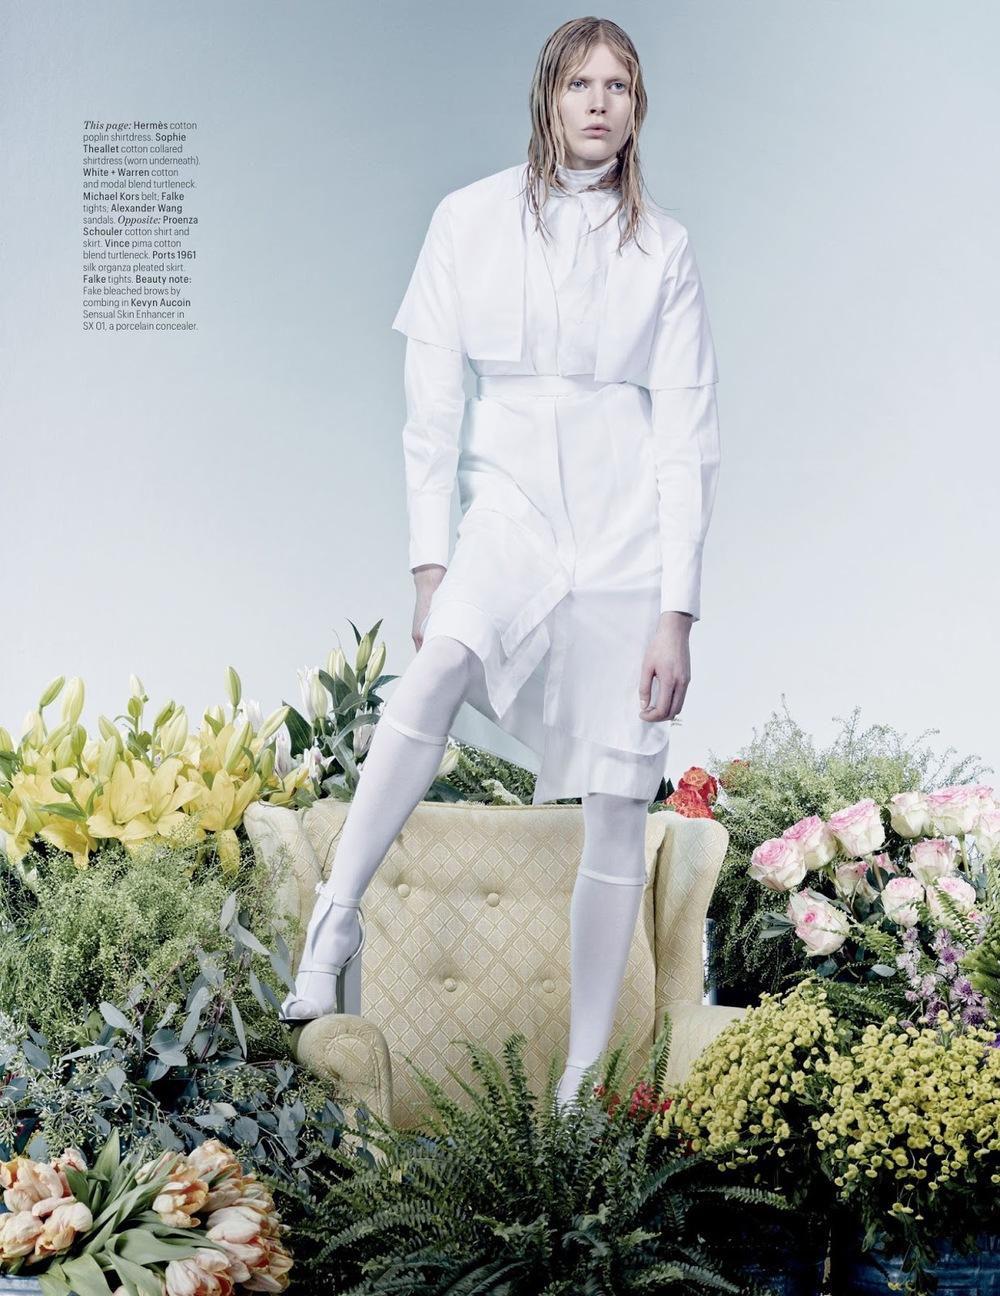 Iselin Steiro -photo by Craig Mc Dean, styled by Edward Enninful- W magazine - March 2013